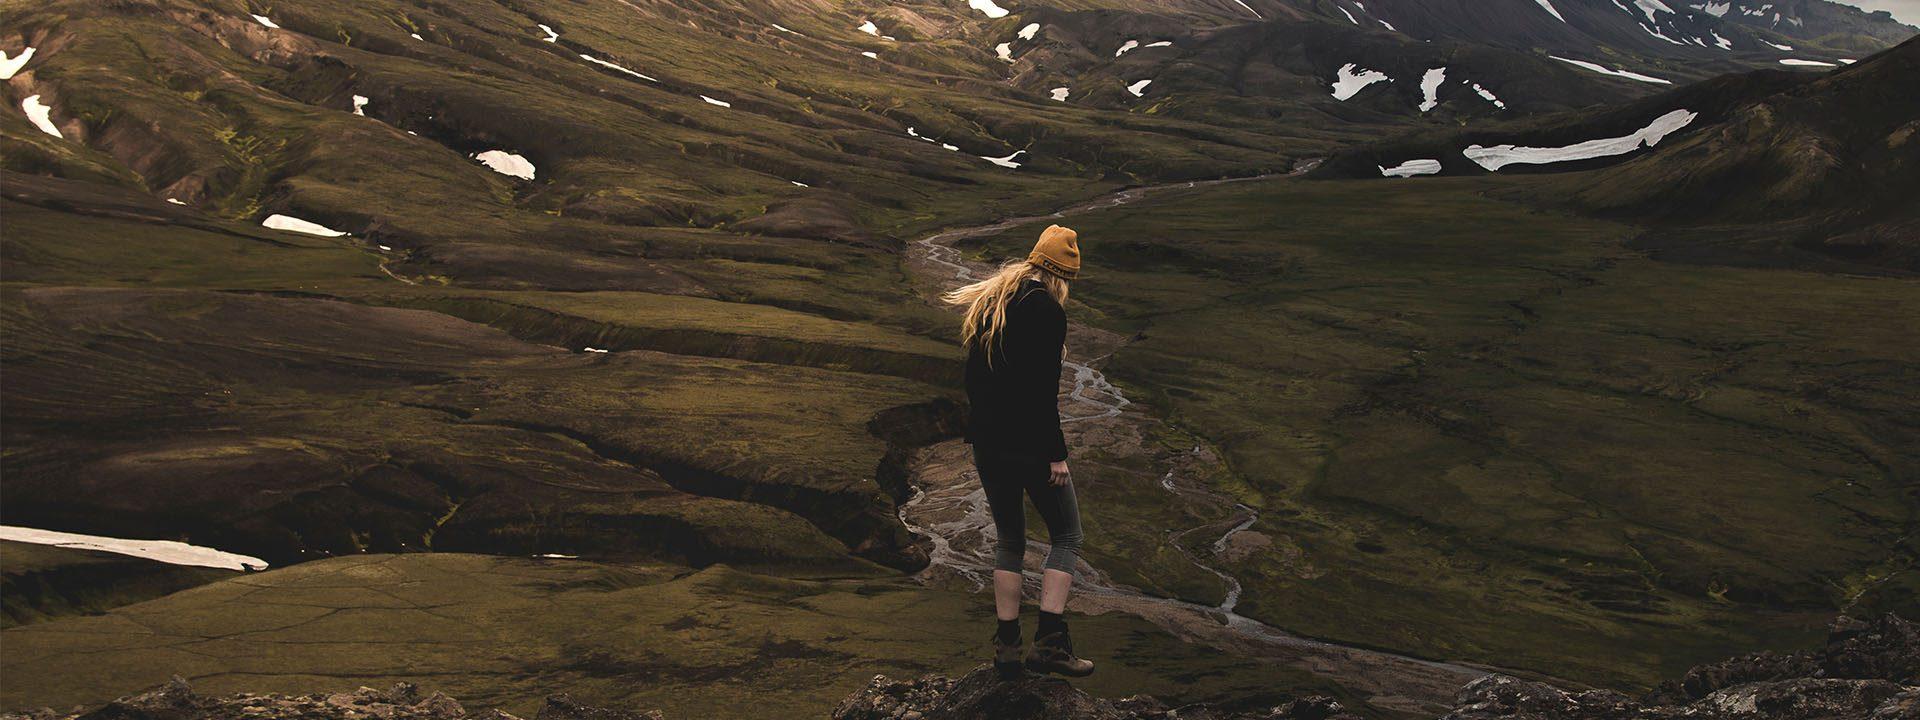 Græðum Ísland og á ensku CARE – Rewilding Iceland. Verkefnið er hugsað fyrir hópa og einstakl- inga sem vilja leggja sitt af mörkum í sjálfboðavinnu til að bæta gróður- og jarðvegsauðlindina og ásýnd landsins, hvort sem það eru ferðamenn, nemendur eða starfsmanna- hópar, innlendir sem erlendir.